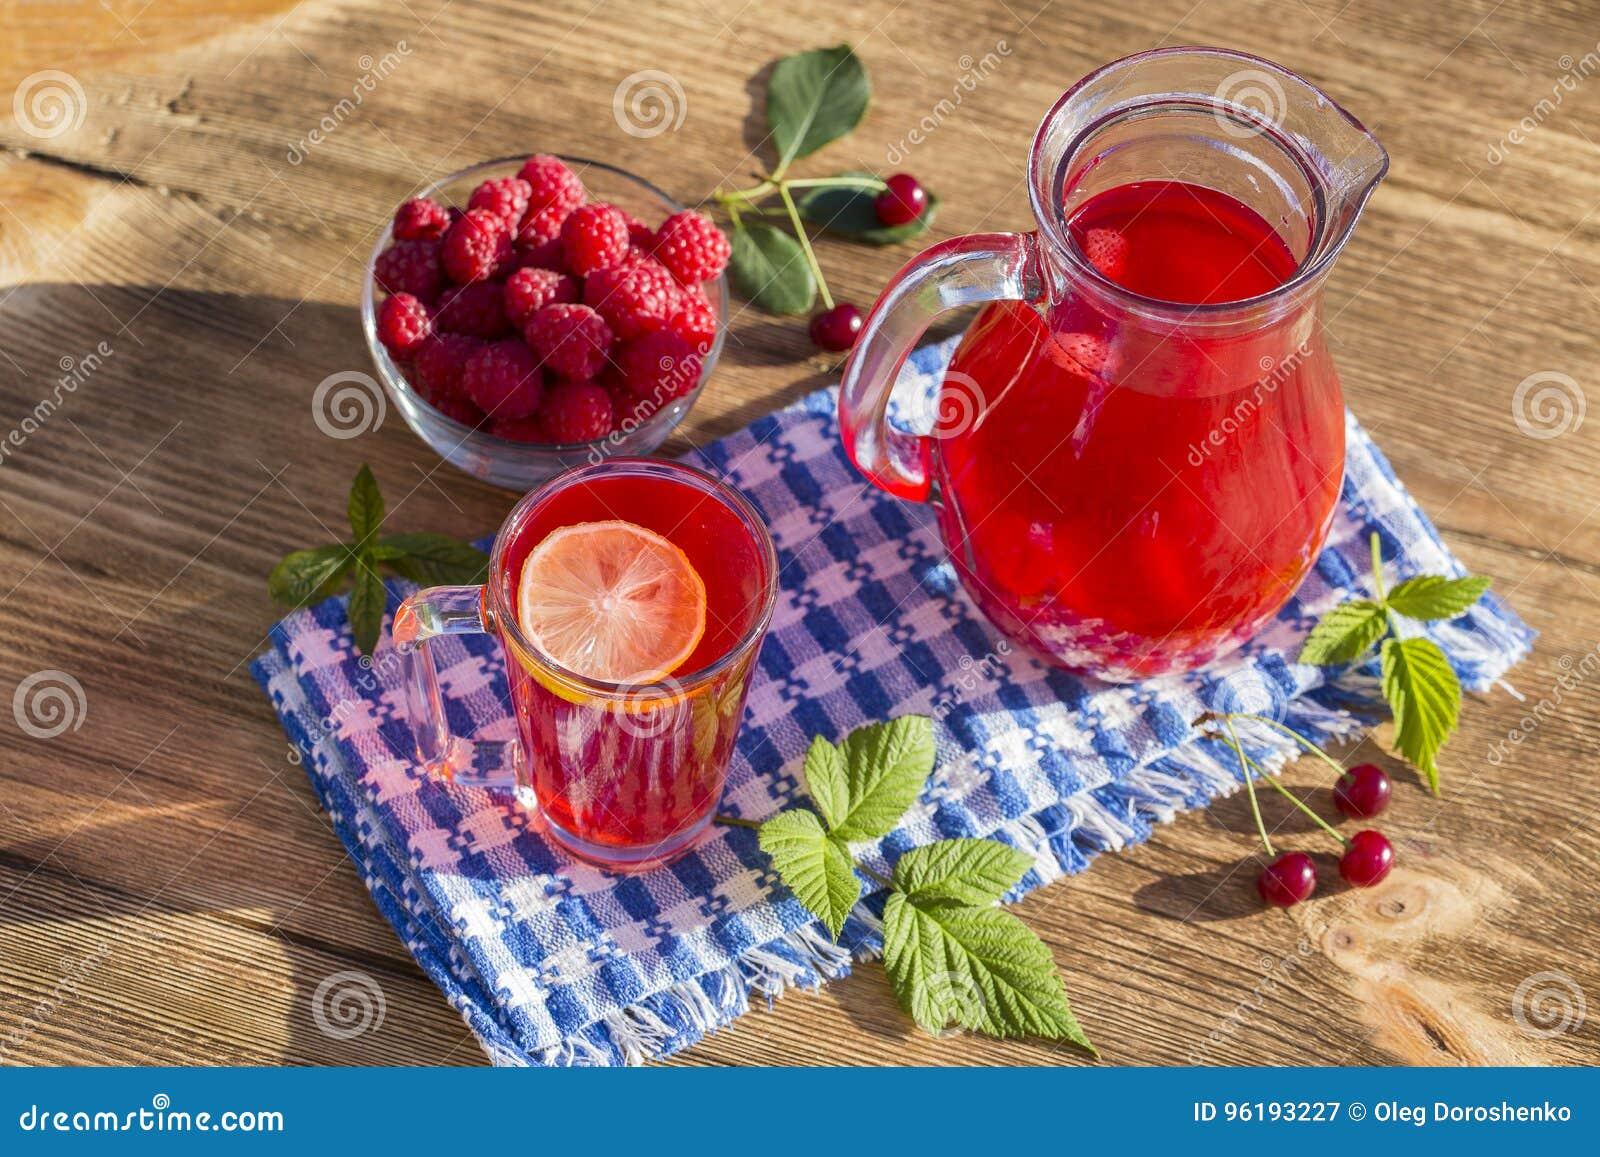 Żywienioniowy detox napój z cytryna sokiem, czerwoną truskawką, wiśnią i malinką w jasnej wodzie z lodem,